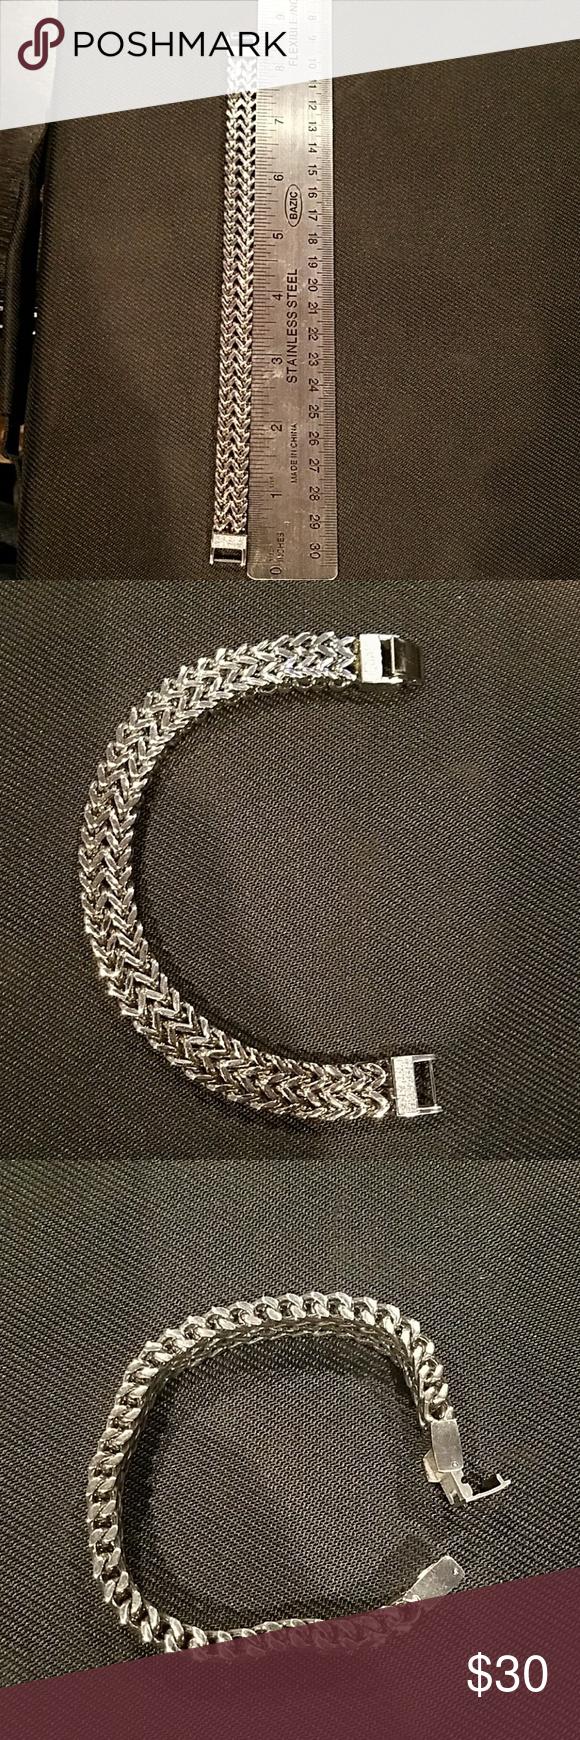 Stainless steel menus bracelet stainless steel menus bracelet with